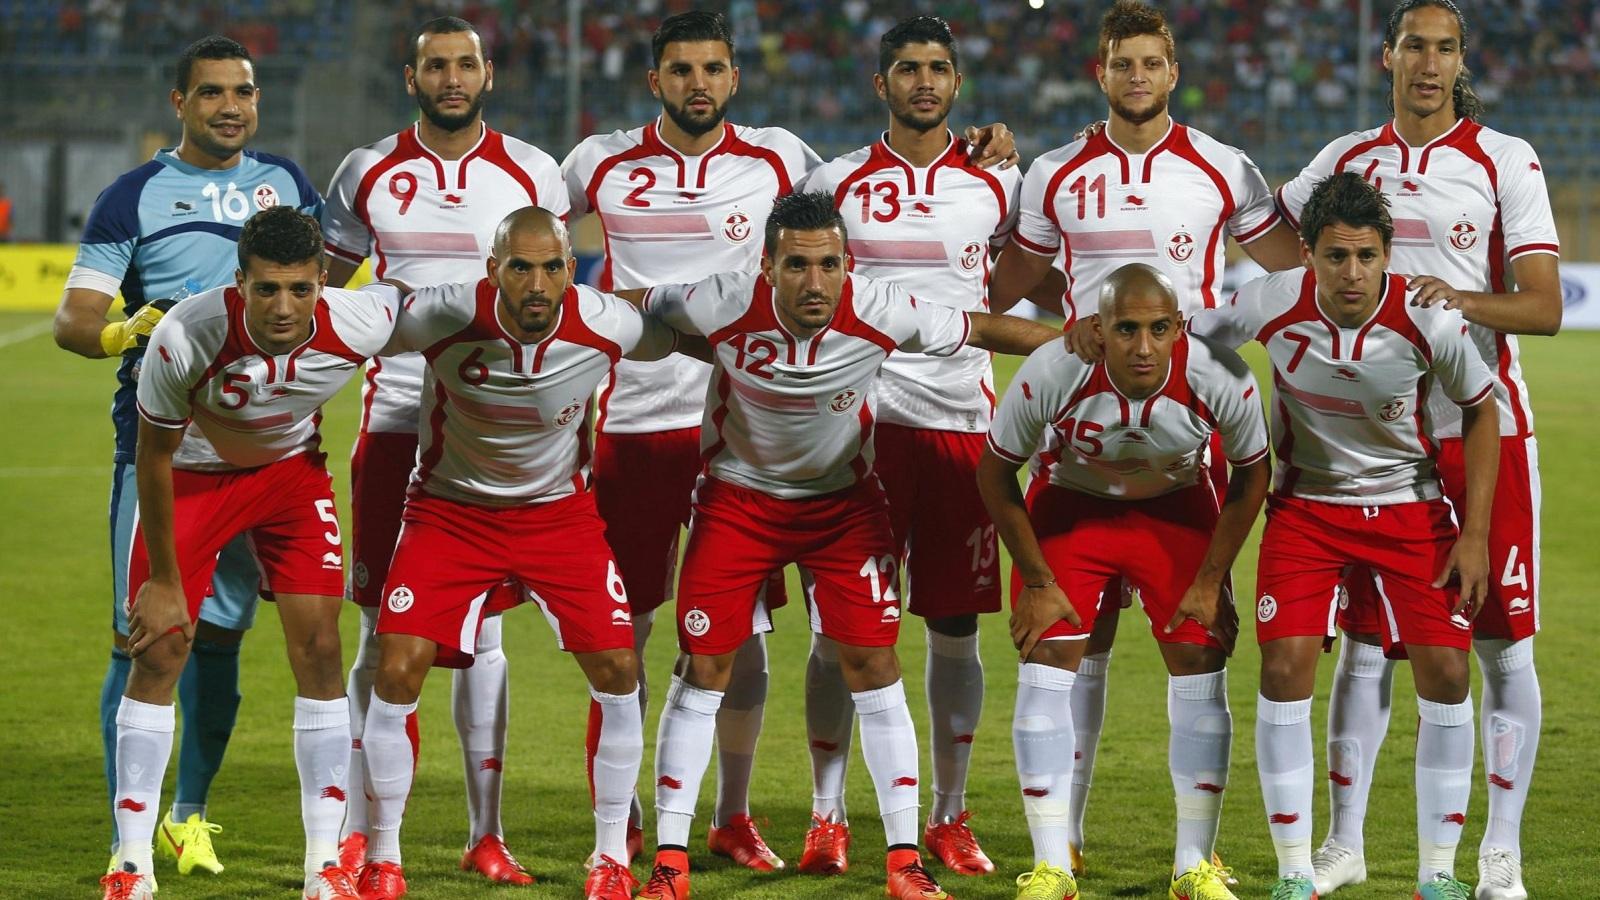 صور منتخب تونس 14 1 صور منتخب تونس خلفيات المنتخب التونسي